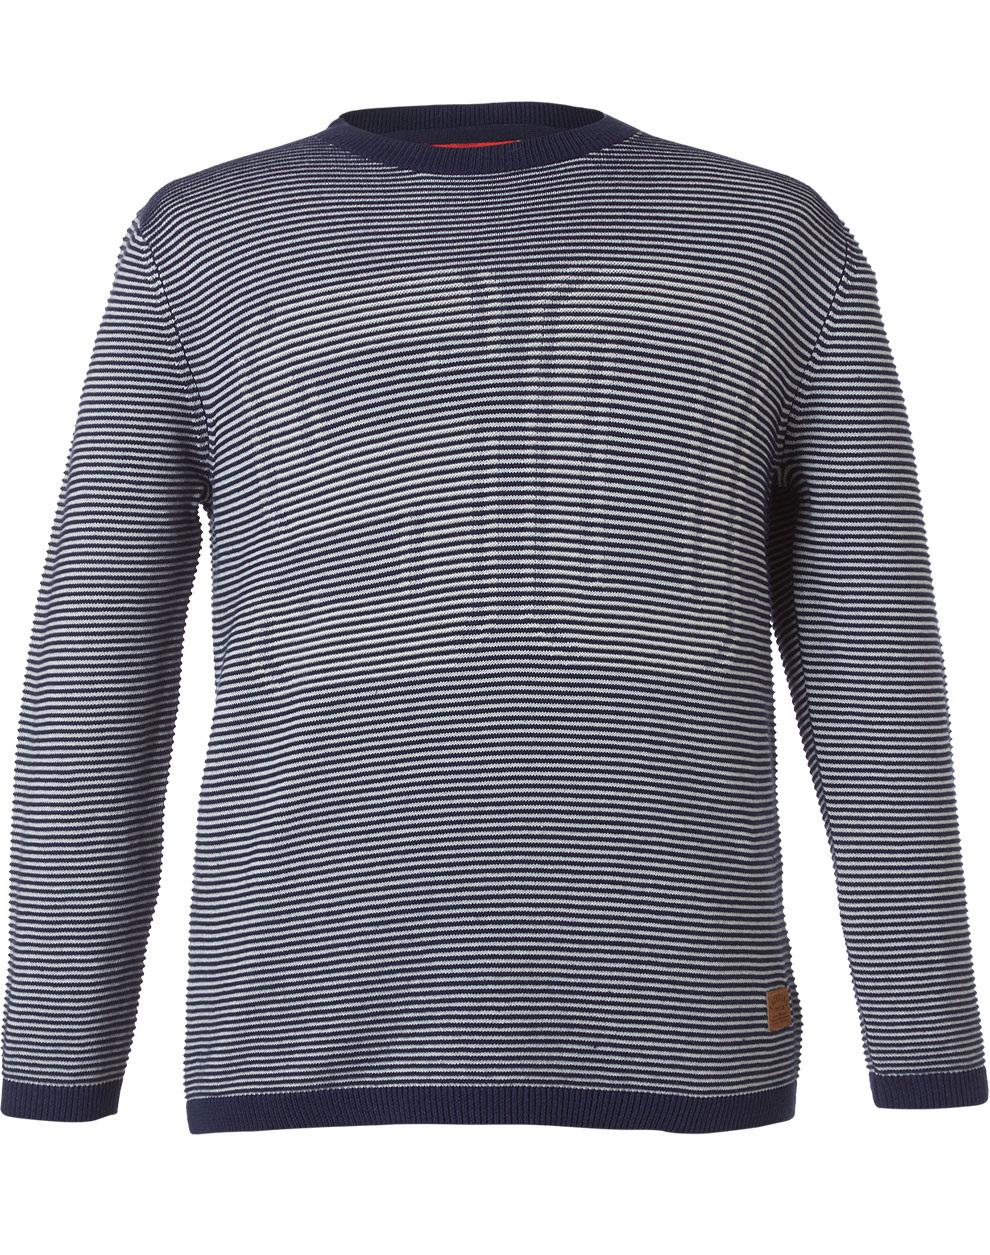 Ριγέ πλεκτή μπλούζα 13-119008-6 - ΜΑΡΕΝ - 16054-1/12/292/108